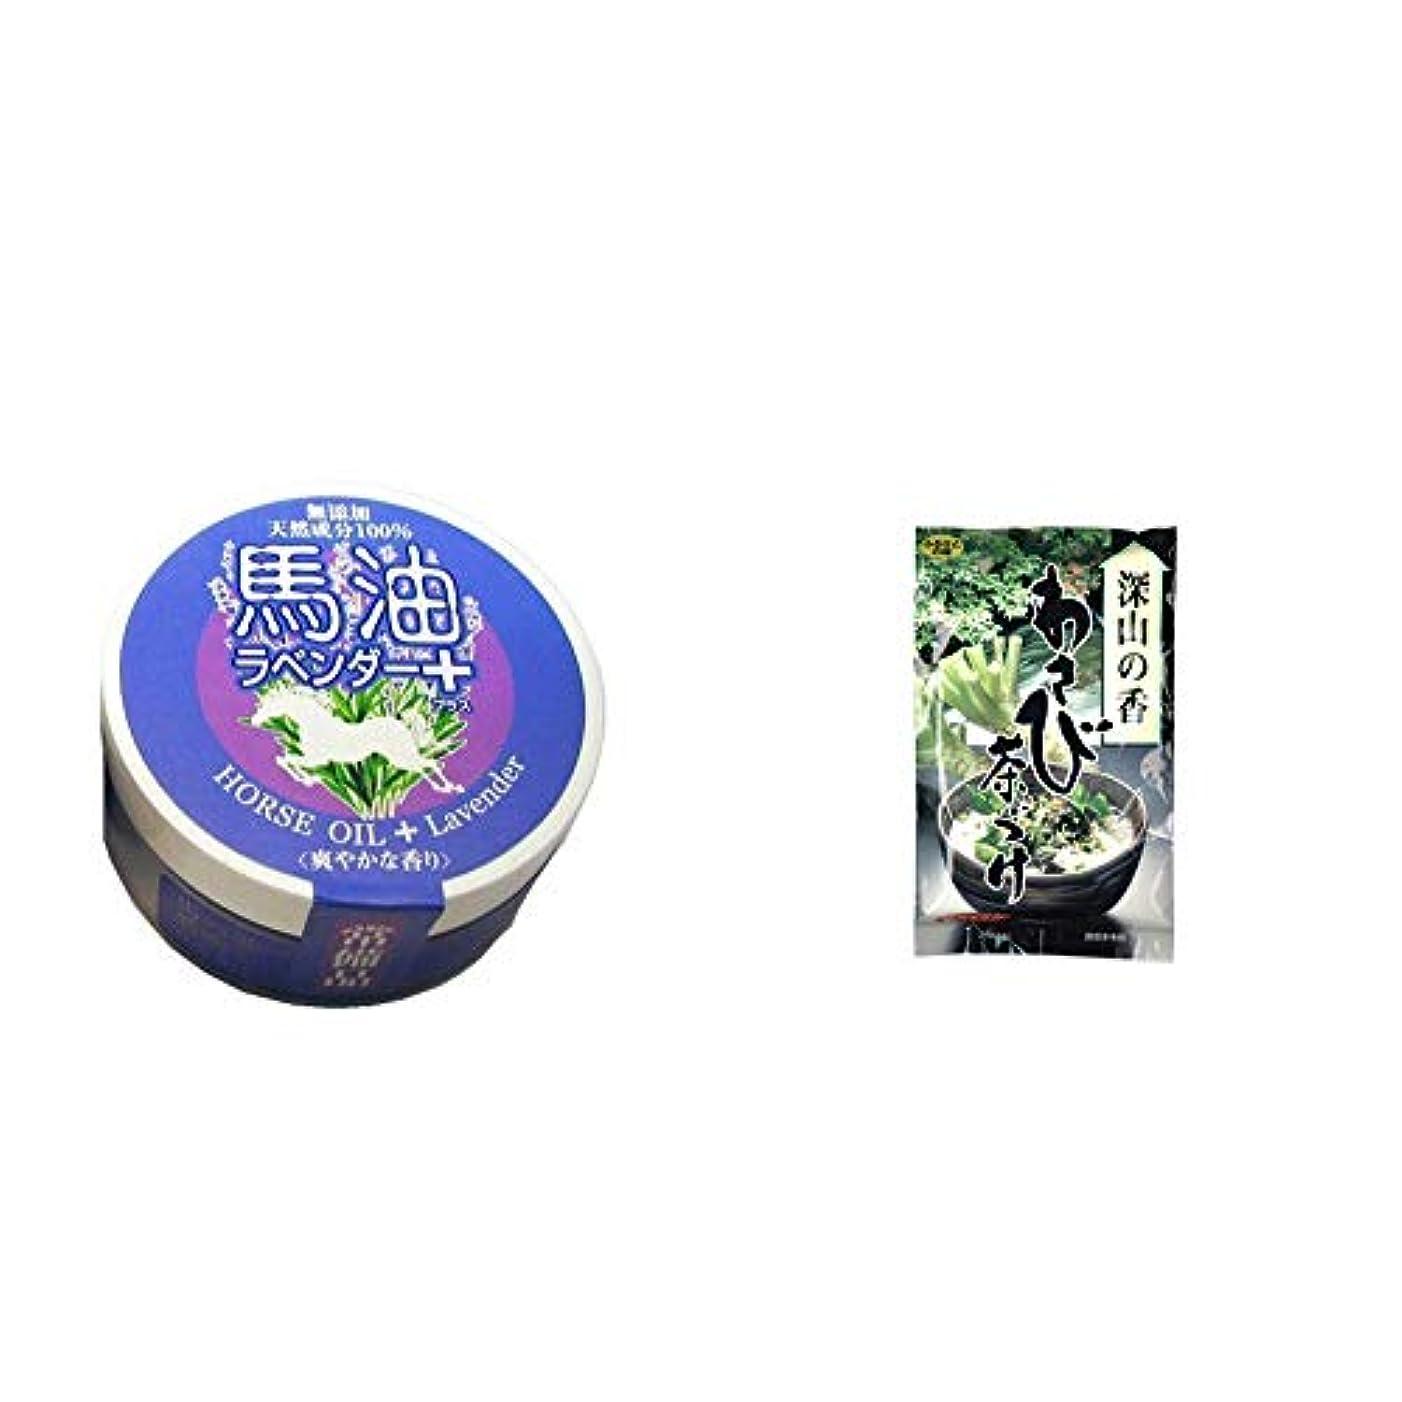 評価するバクテリアインチ[2点セット] 無添加天然成分100% 馬油[ラベンダー](38g)?特選茶漬け 深山の香 わさび茶づけ(10袋入)